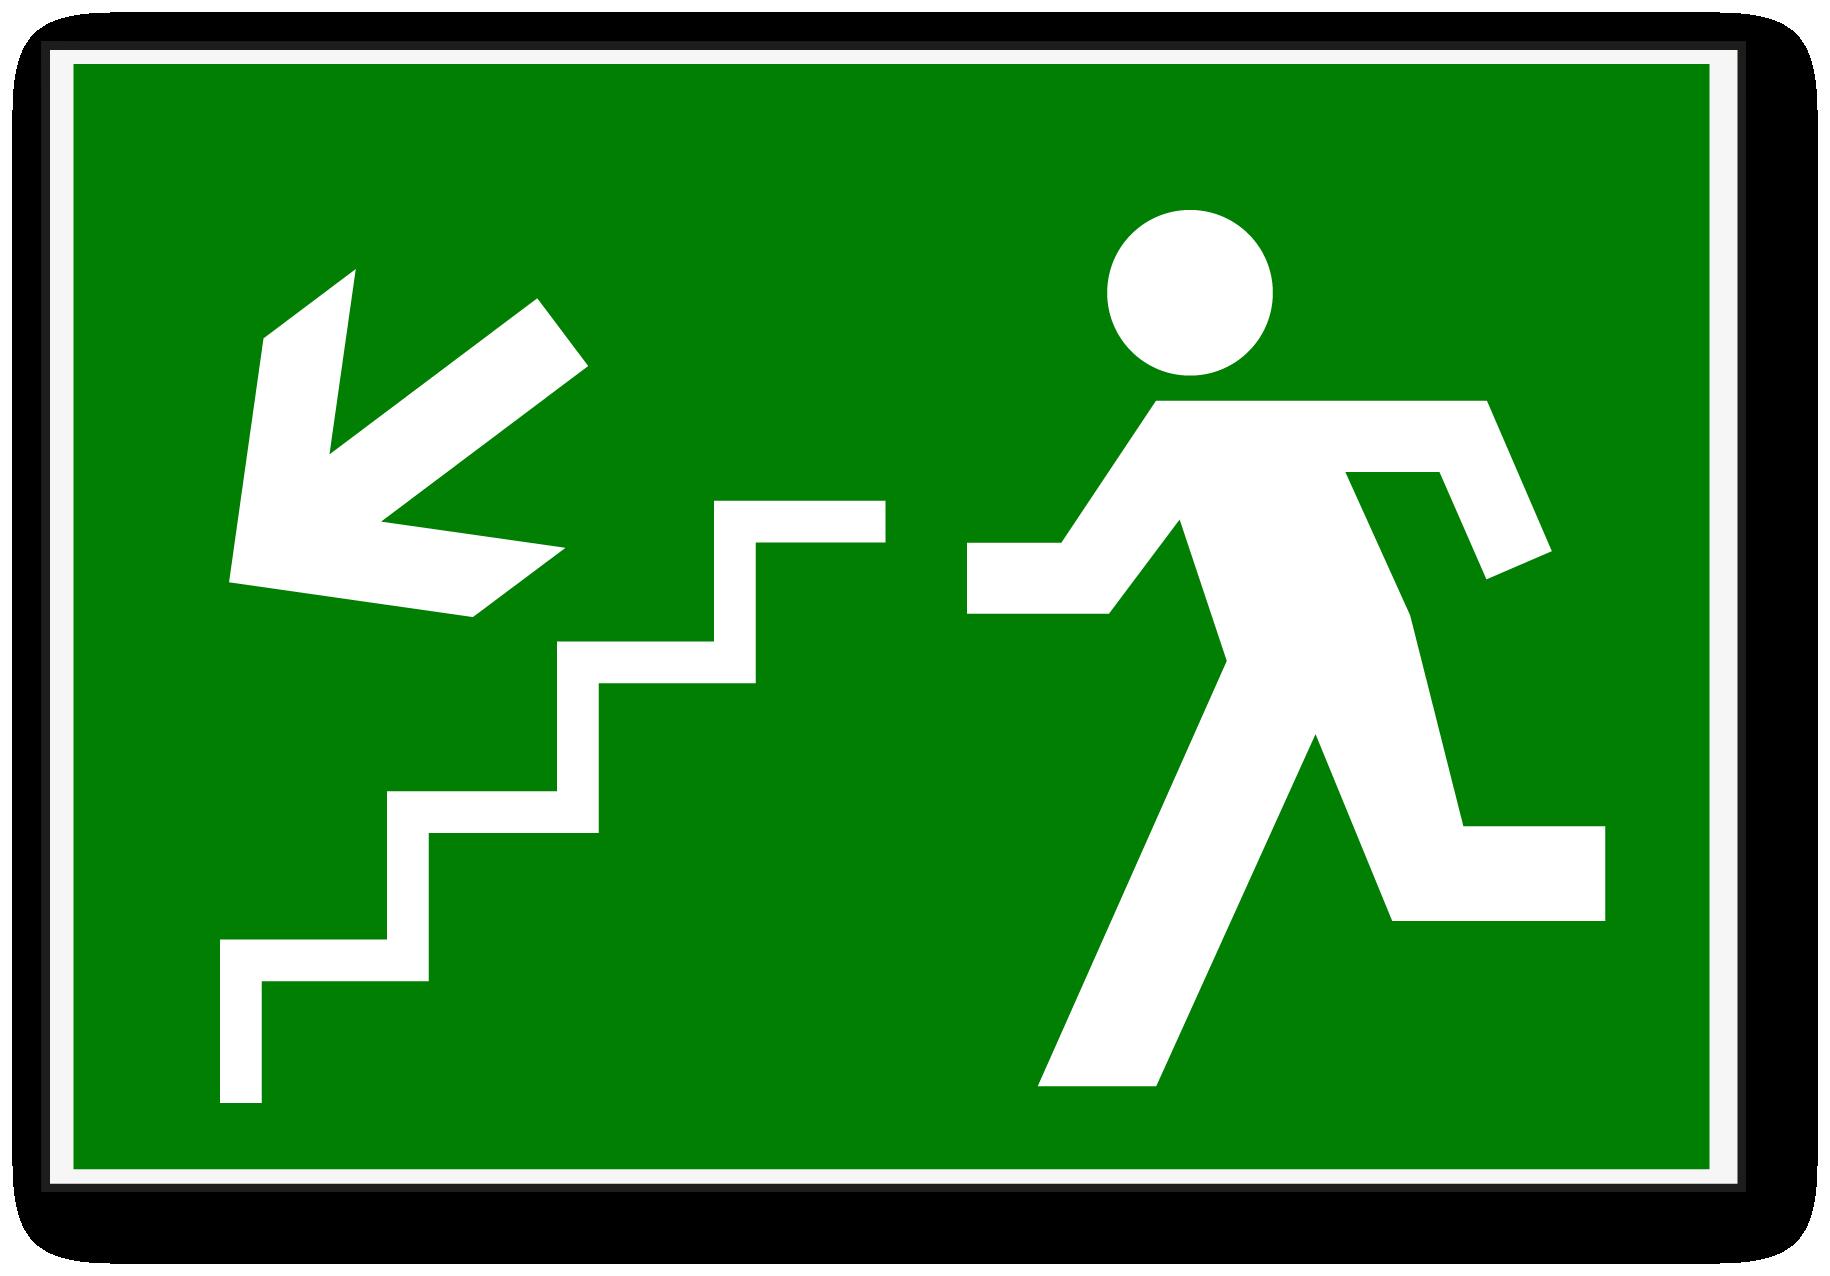 Señal de escalera de emergencia.